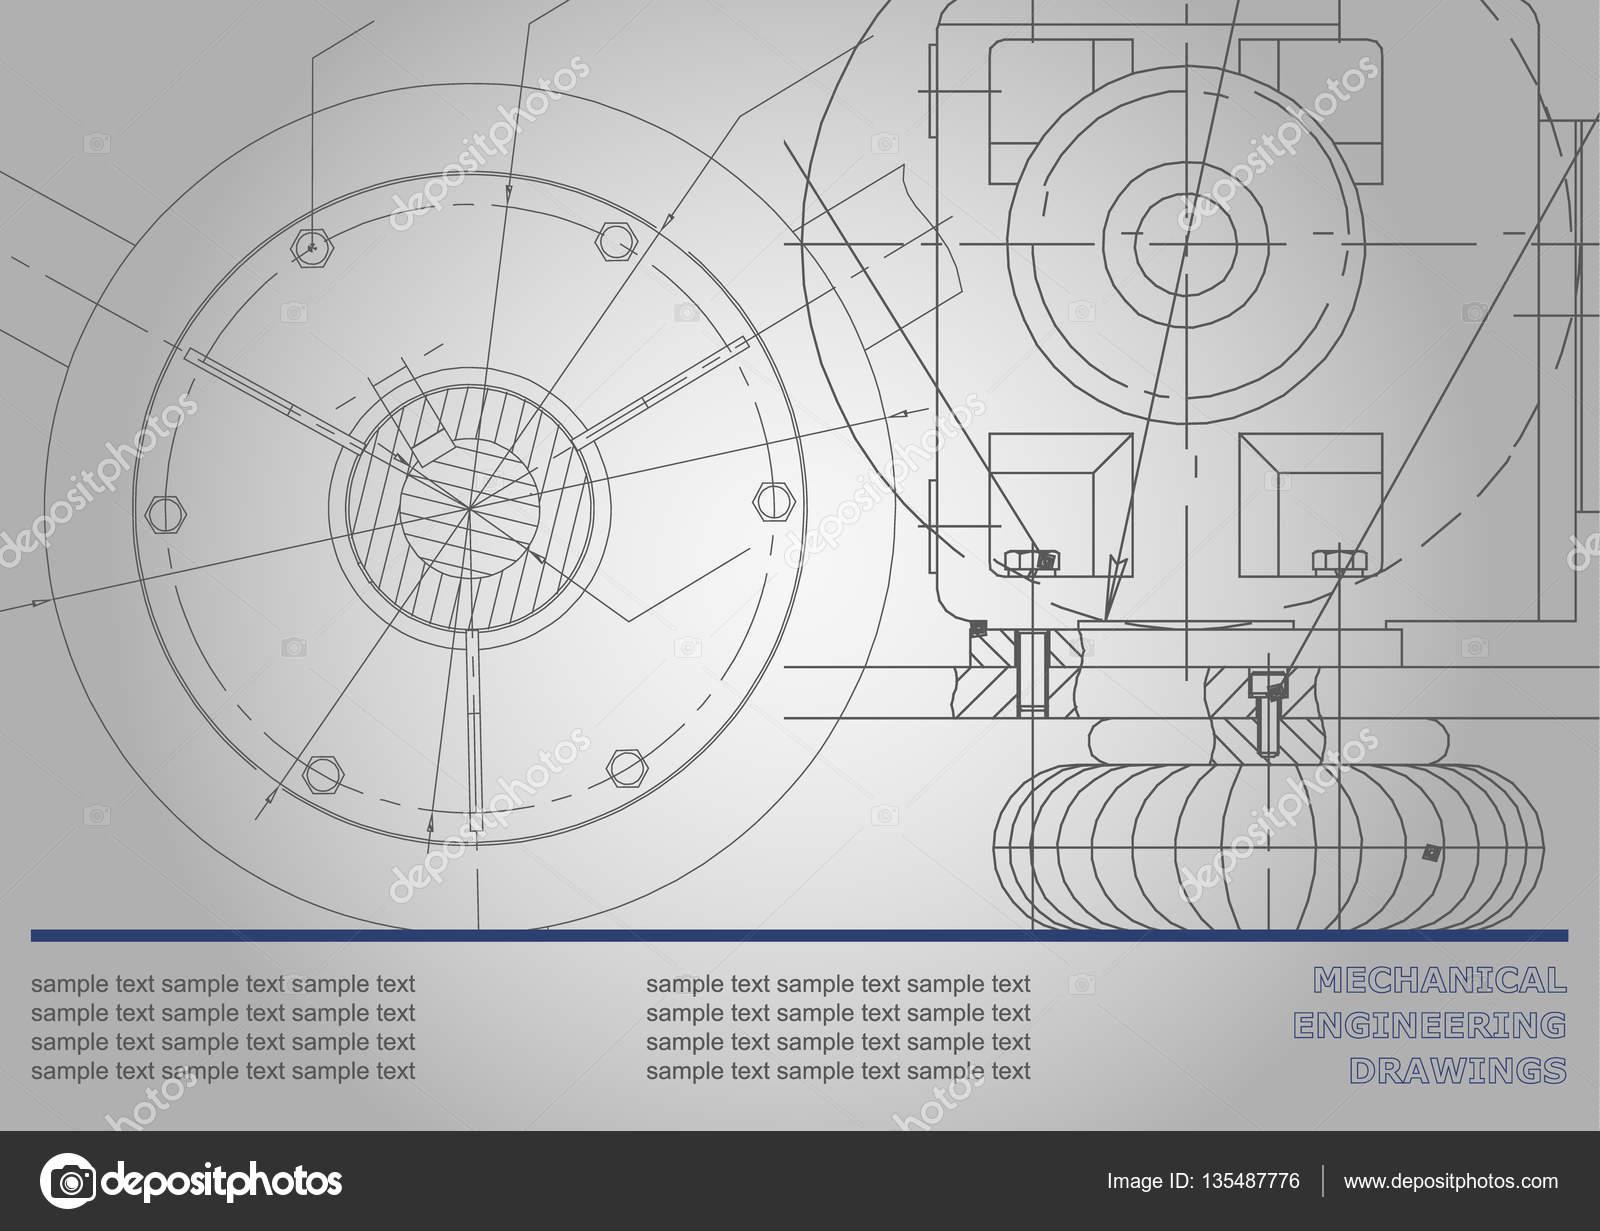 Maschinenbau, Zeichnung — Stockvektor © Bubushonok #135487776